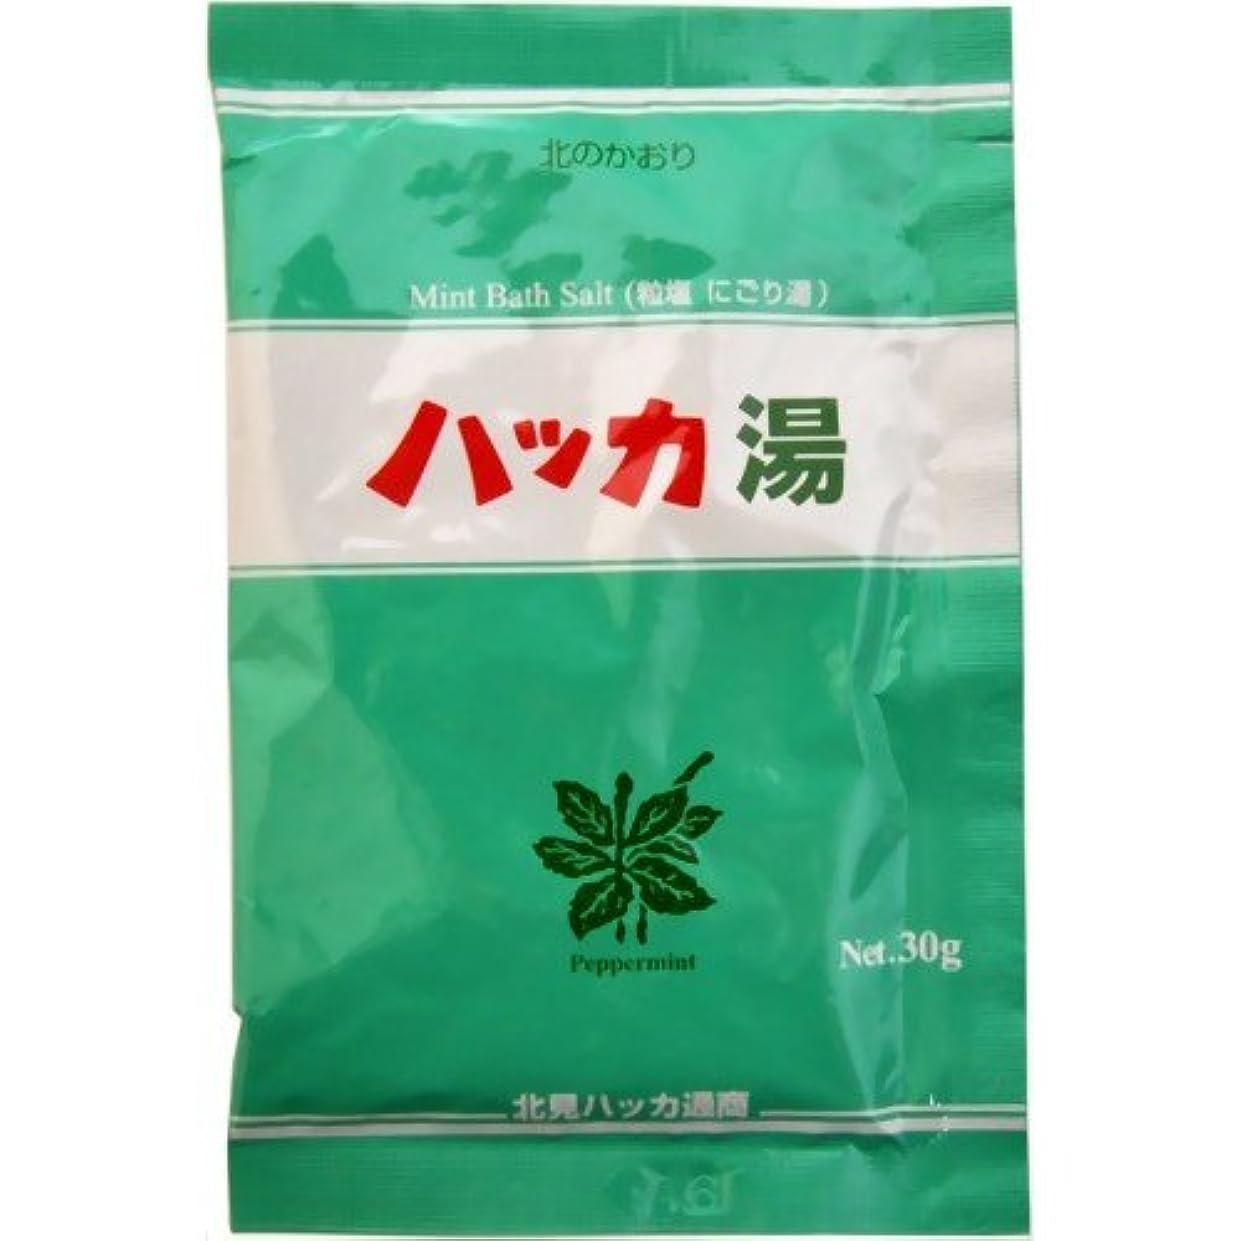 悪行メモ西北見ハッカ ハッカ湯 30g(入浴剤 クールタイプ)